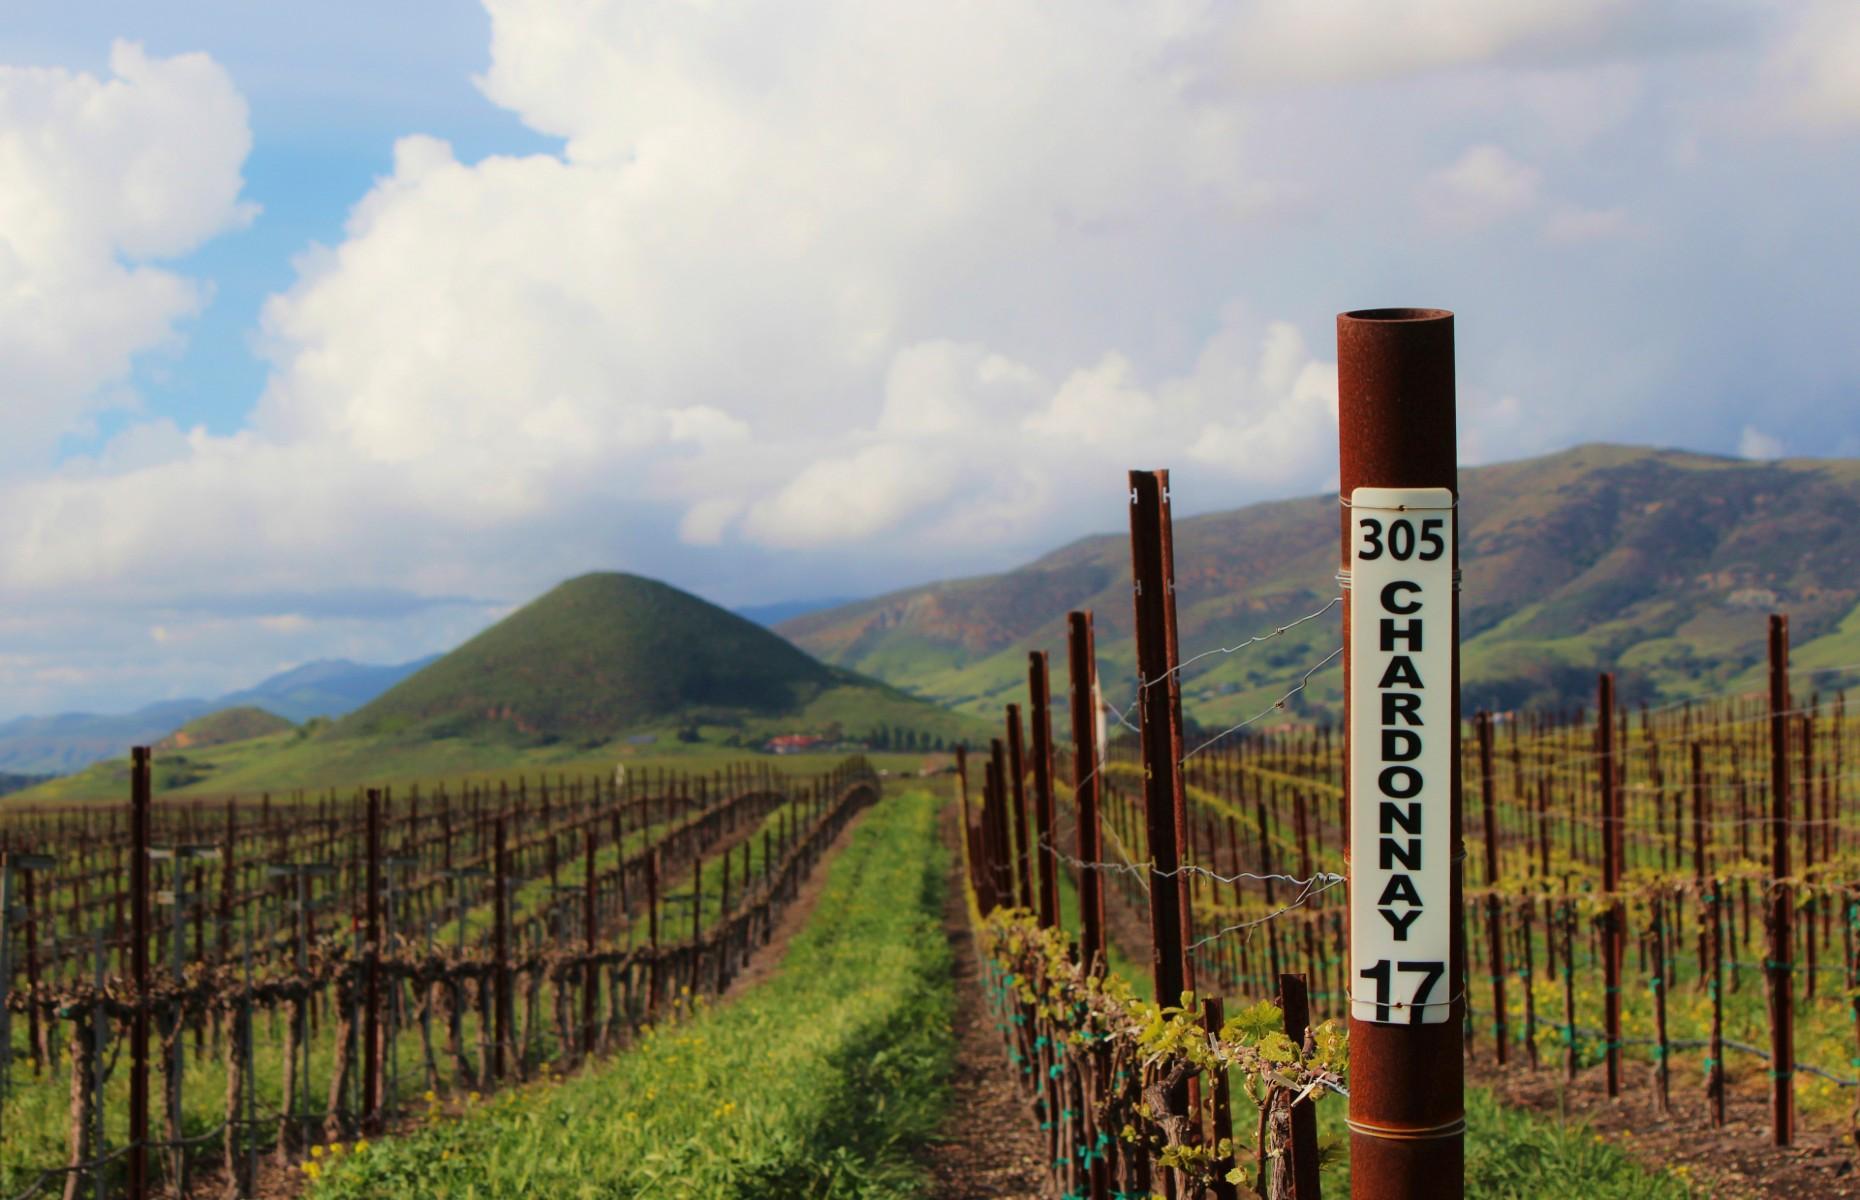 Vineyard in San Luis Obispo (Image: ThoseLittleWings/Shutterstock)